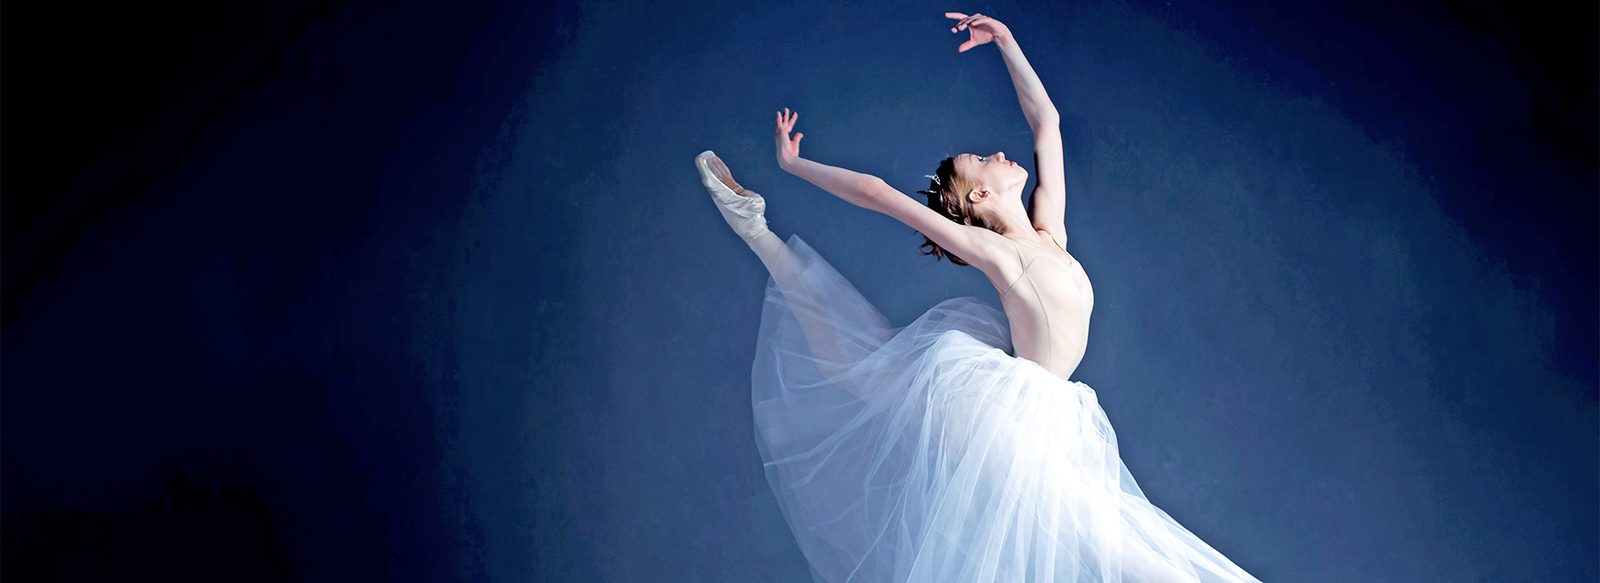 Gran Galà di San Silvestro al Teatro alla Scala di Milano con balletto e Cenone